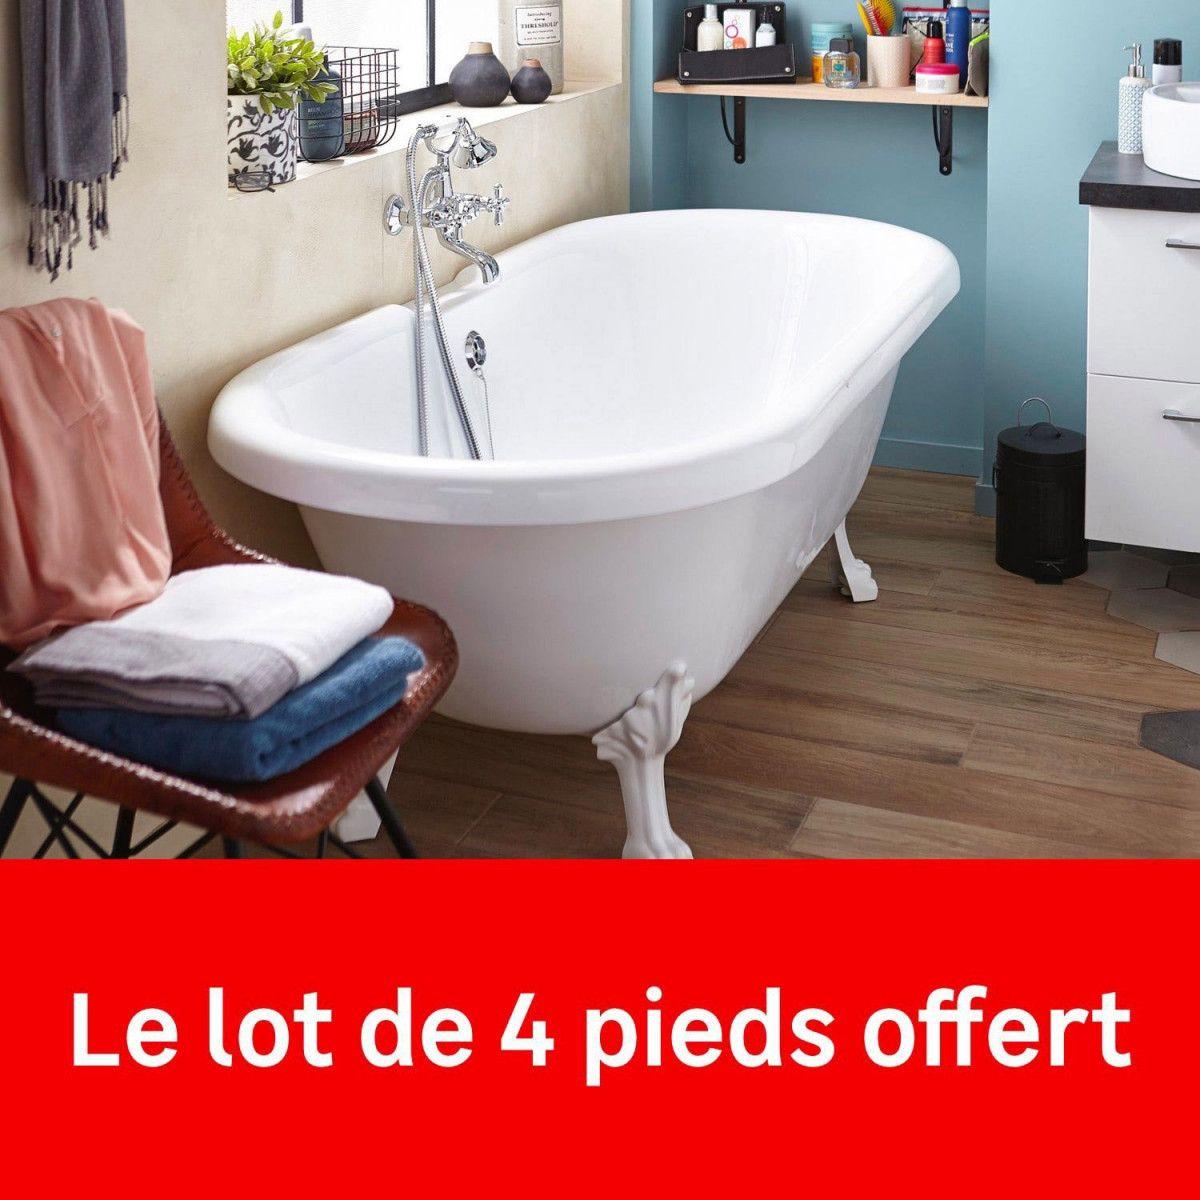 Peinture Resinence Pour Baignoire Acrylique De Nos Designers Favoris Bathroom Freestanding Free Standing Bath Tub Bathroom